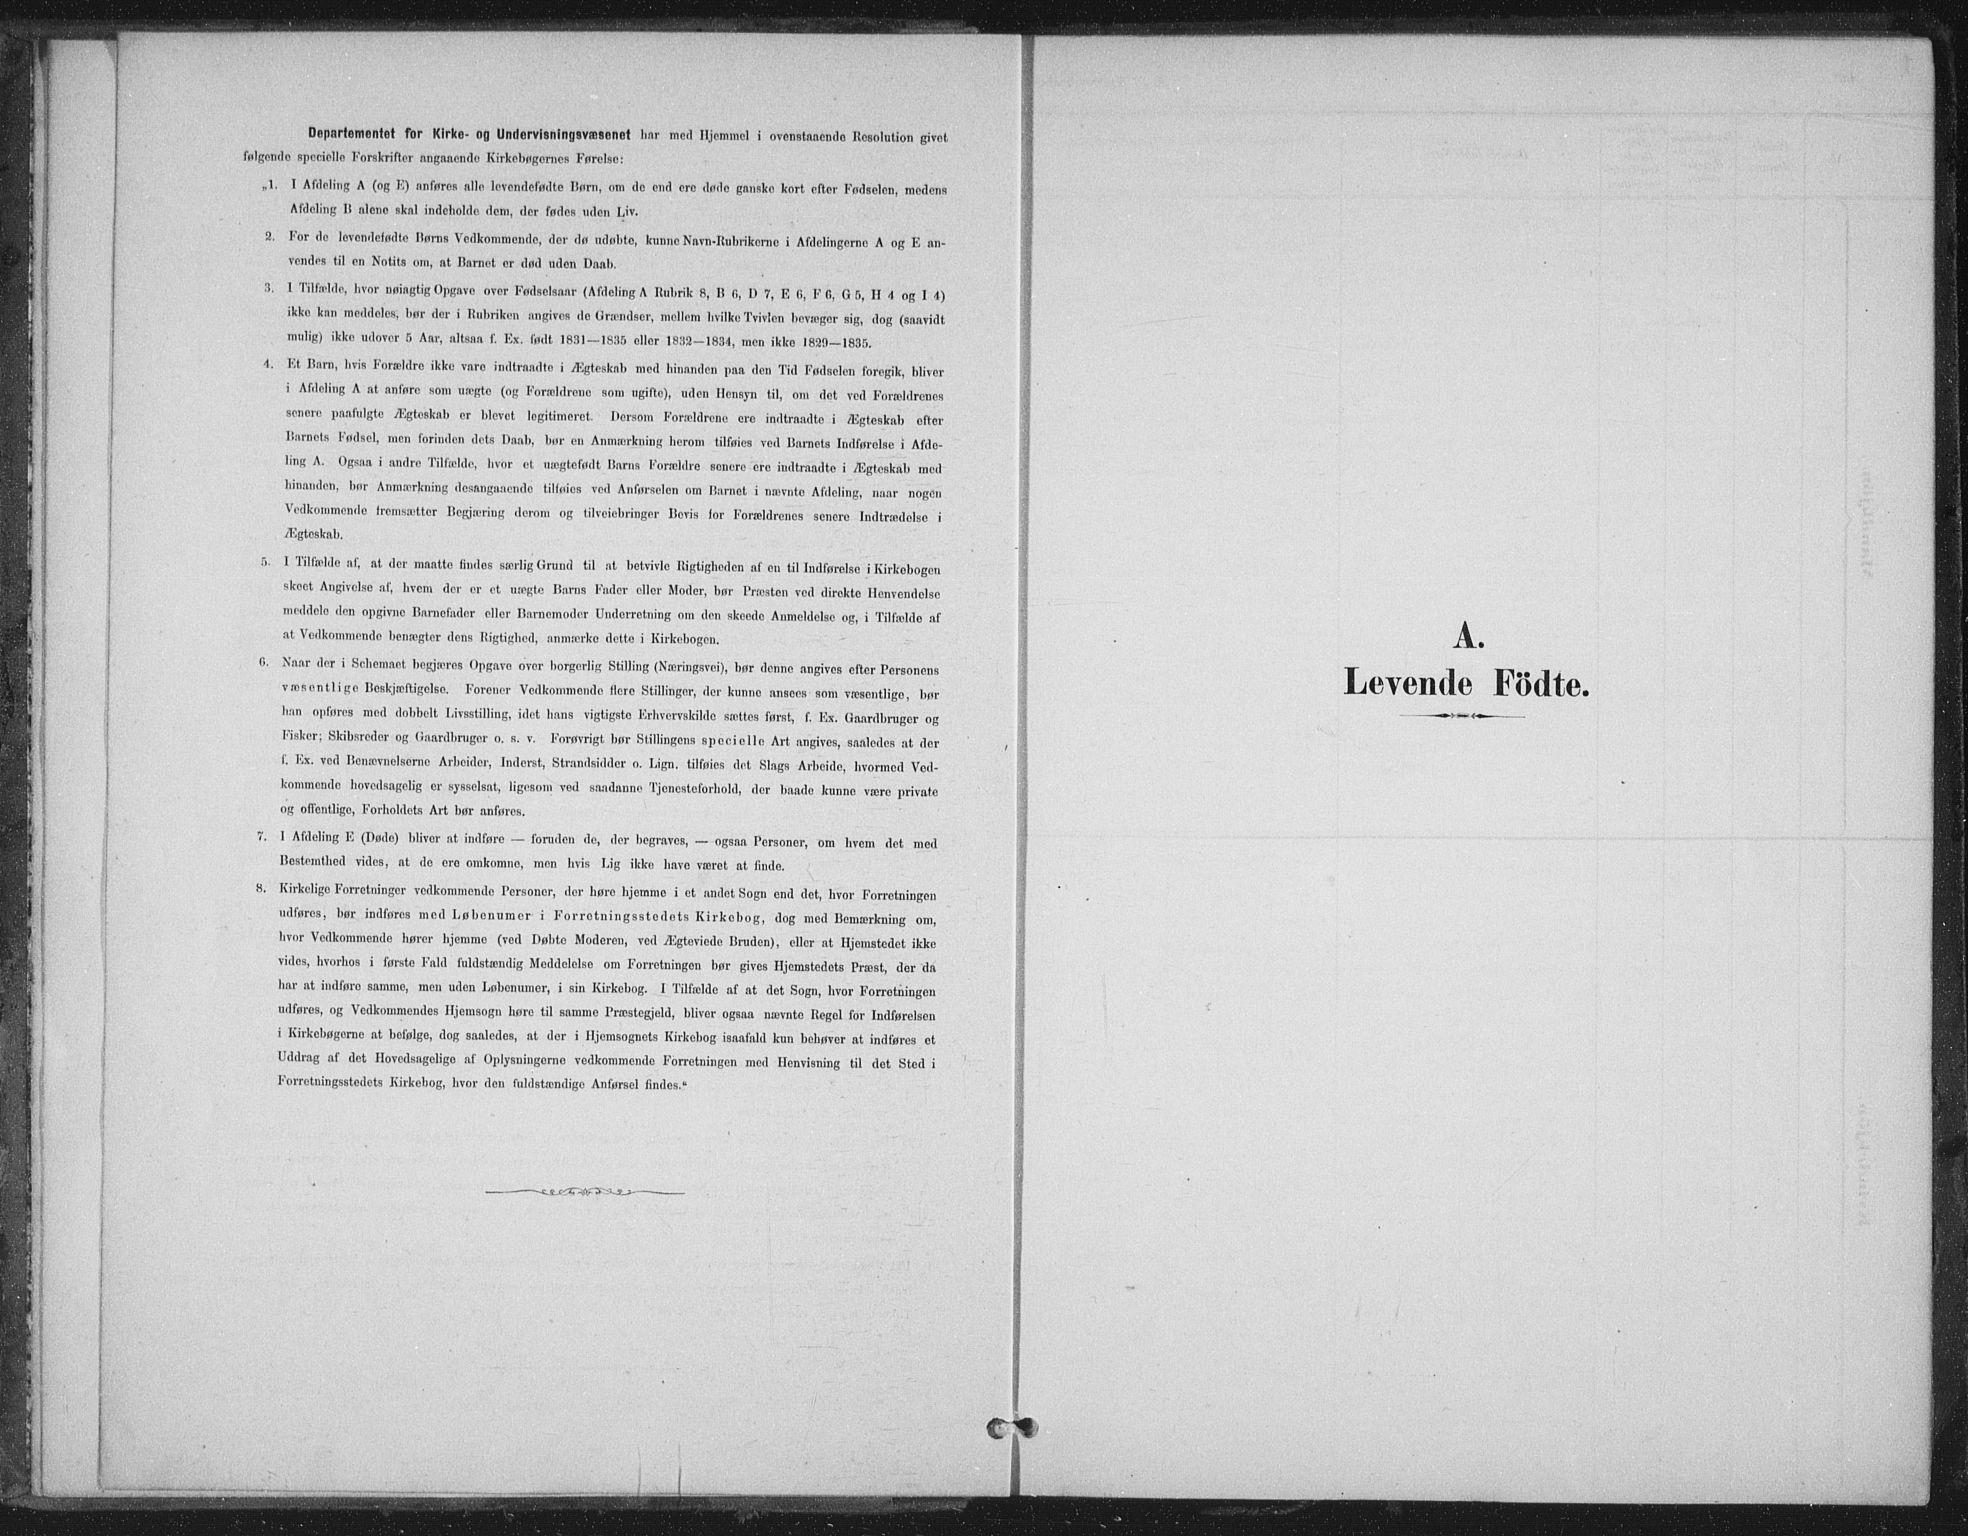 SAT, Ministerialprotokoller, klokkerbøker og fødselsregistre - Nord-Trøndelag, 702/L0023: Parish register (official) no. 702A01, 1883-1897